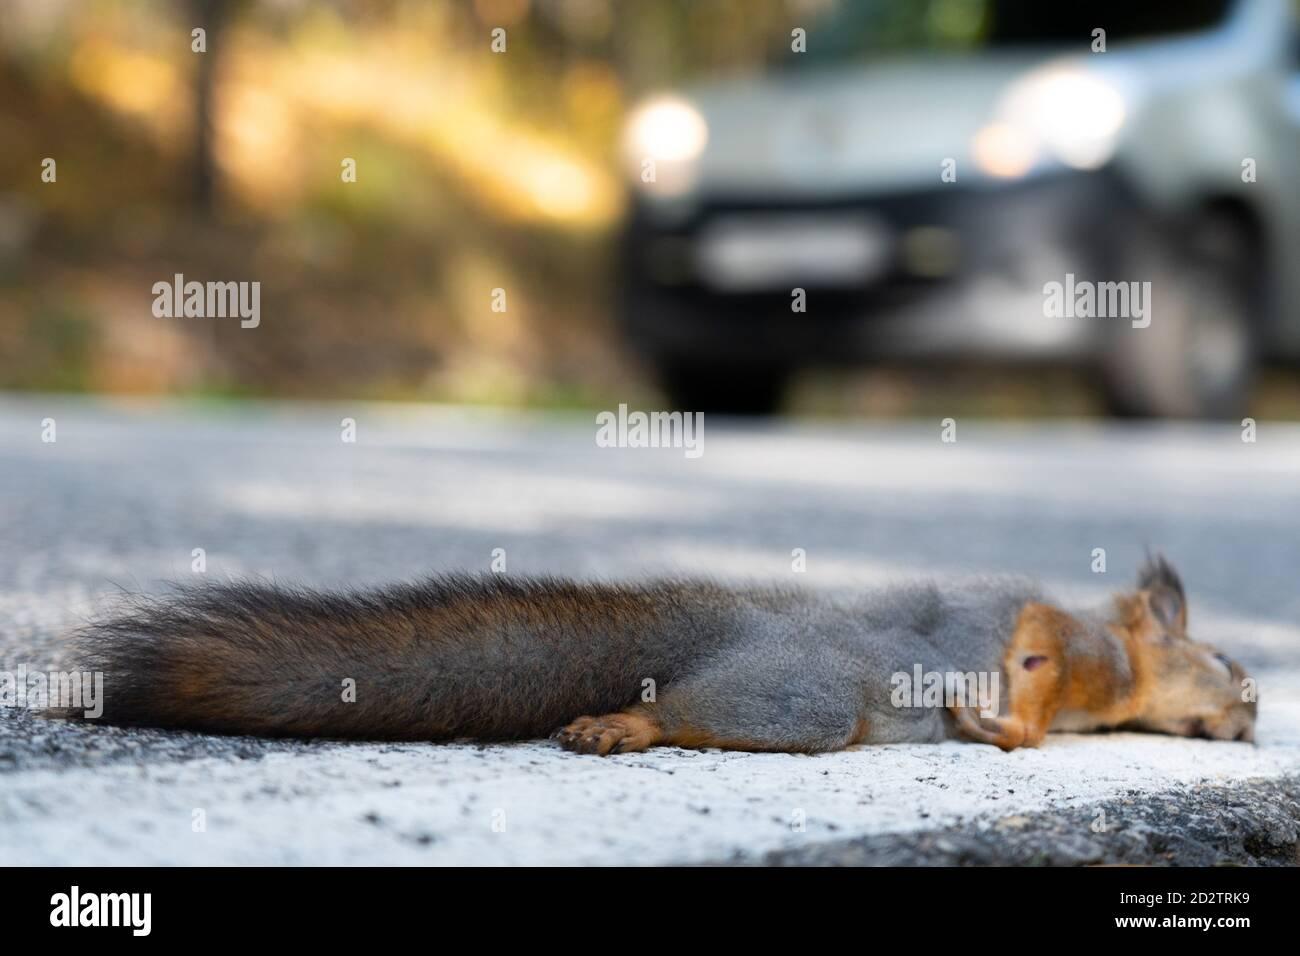 Un écureuil mort se trouve sur la route, juste été tué par une voiture Banque D'Images